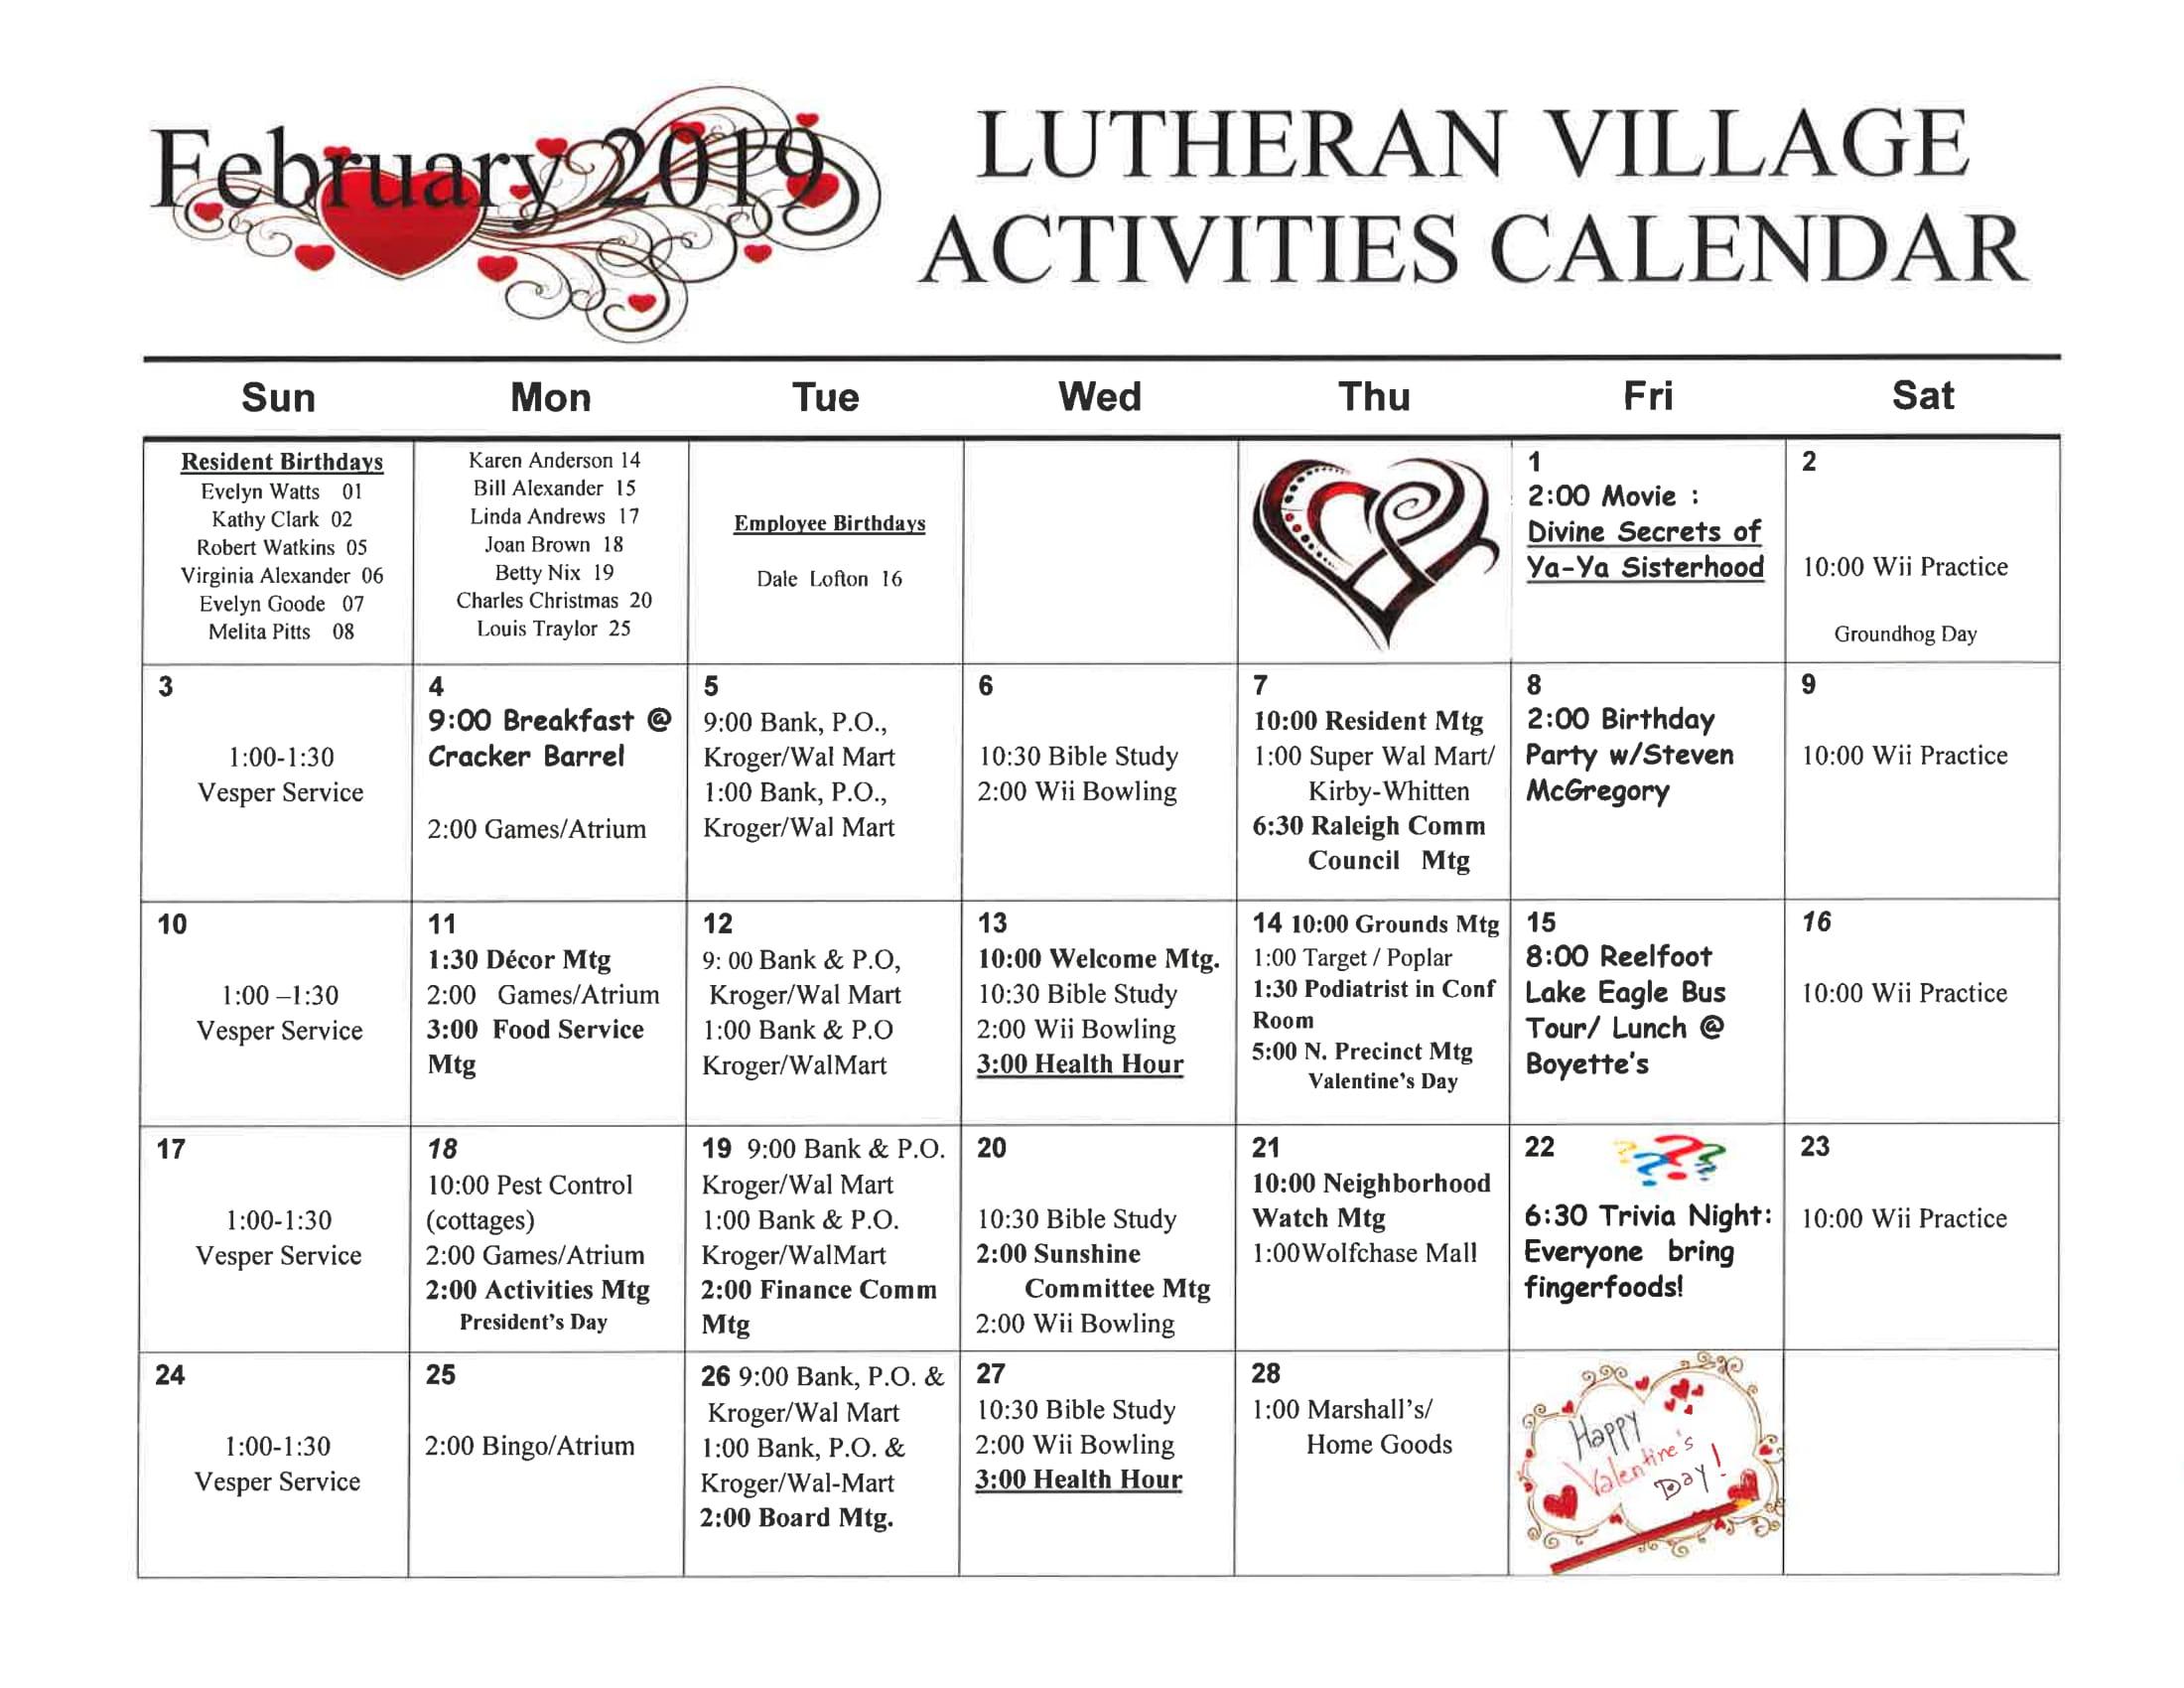 February Activities Calendar